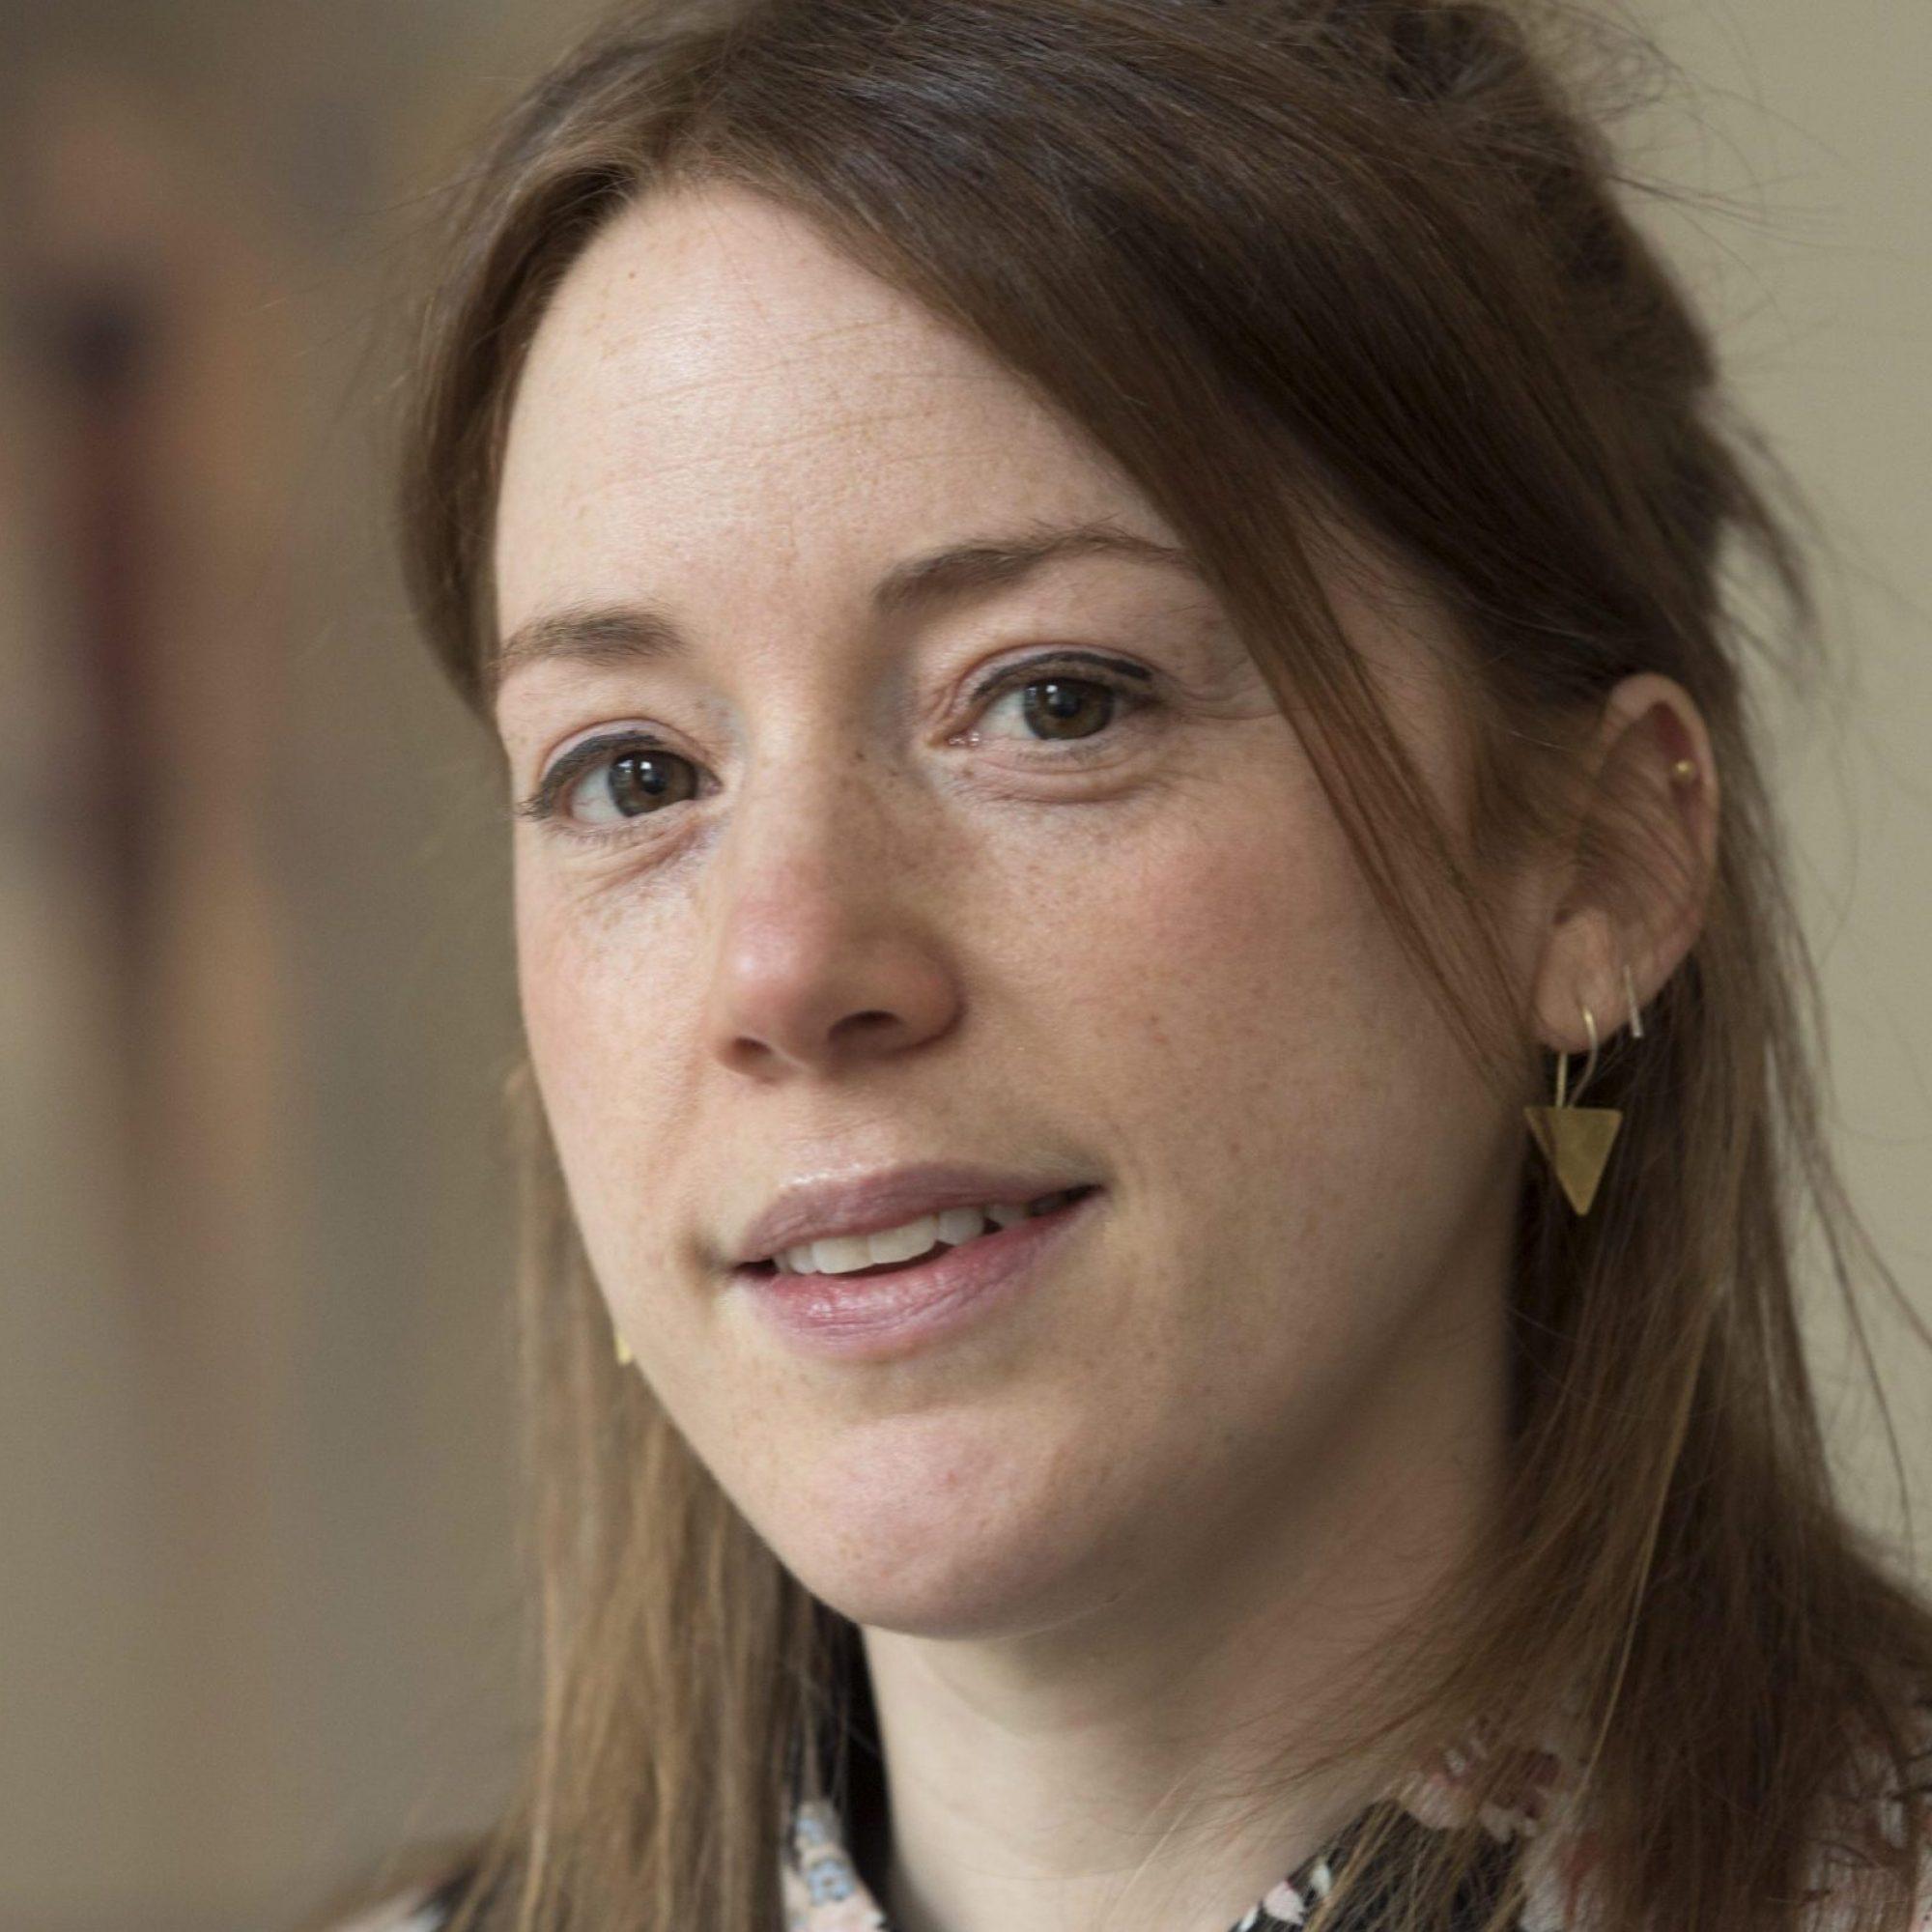 Emily Philips